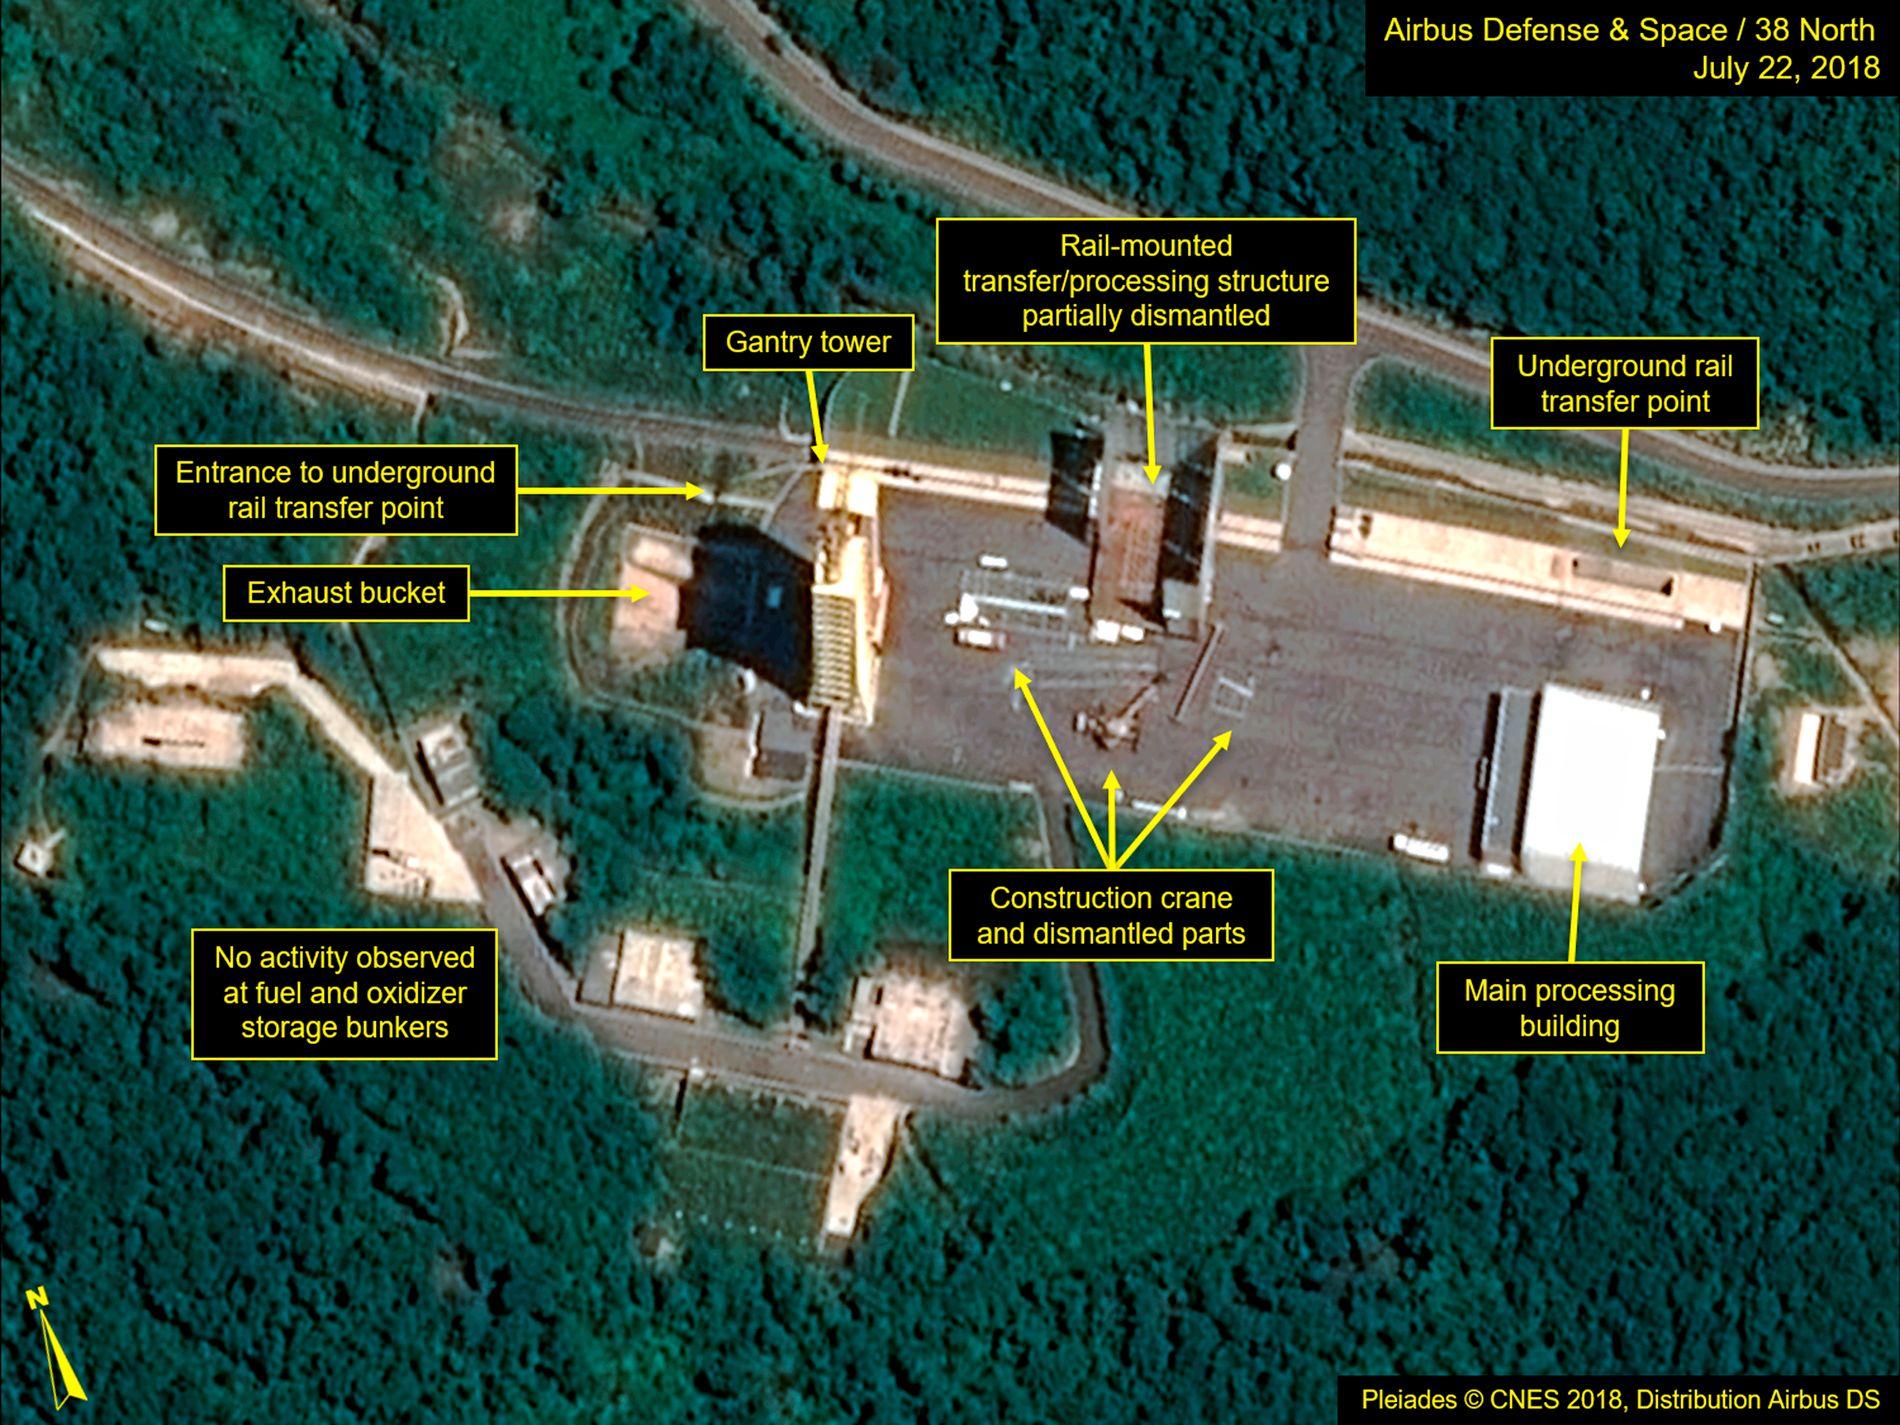 UTVIKLER NYE MISSILER: Nord-Korea er angivelig i ferd med å demontere deler av dette rakettanlegget i Sohae, men amerikansk etterretning tror landet produserer én til to interkontinentale missiler ved et annet anlegg.